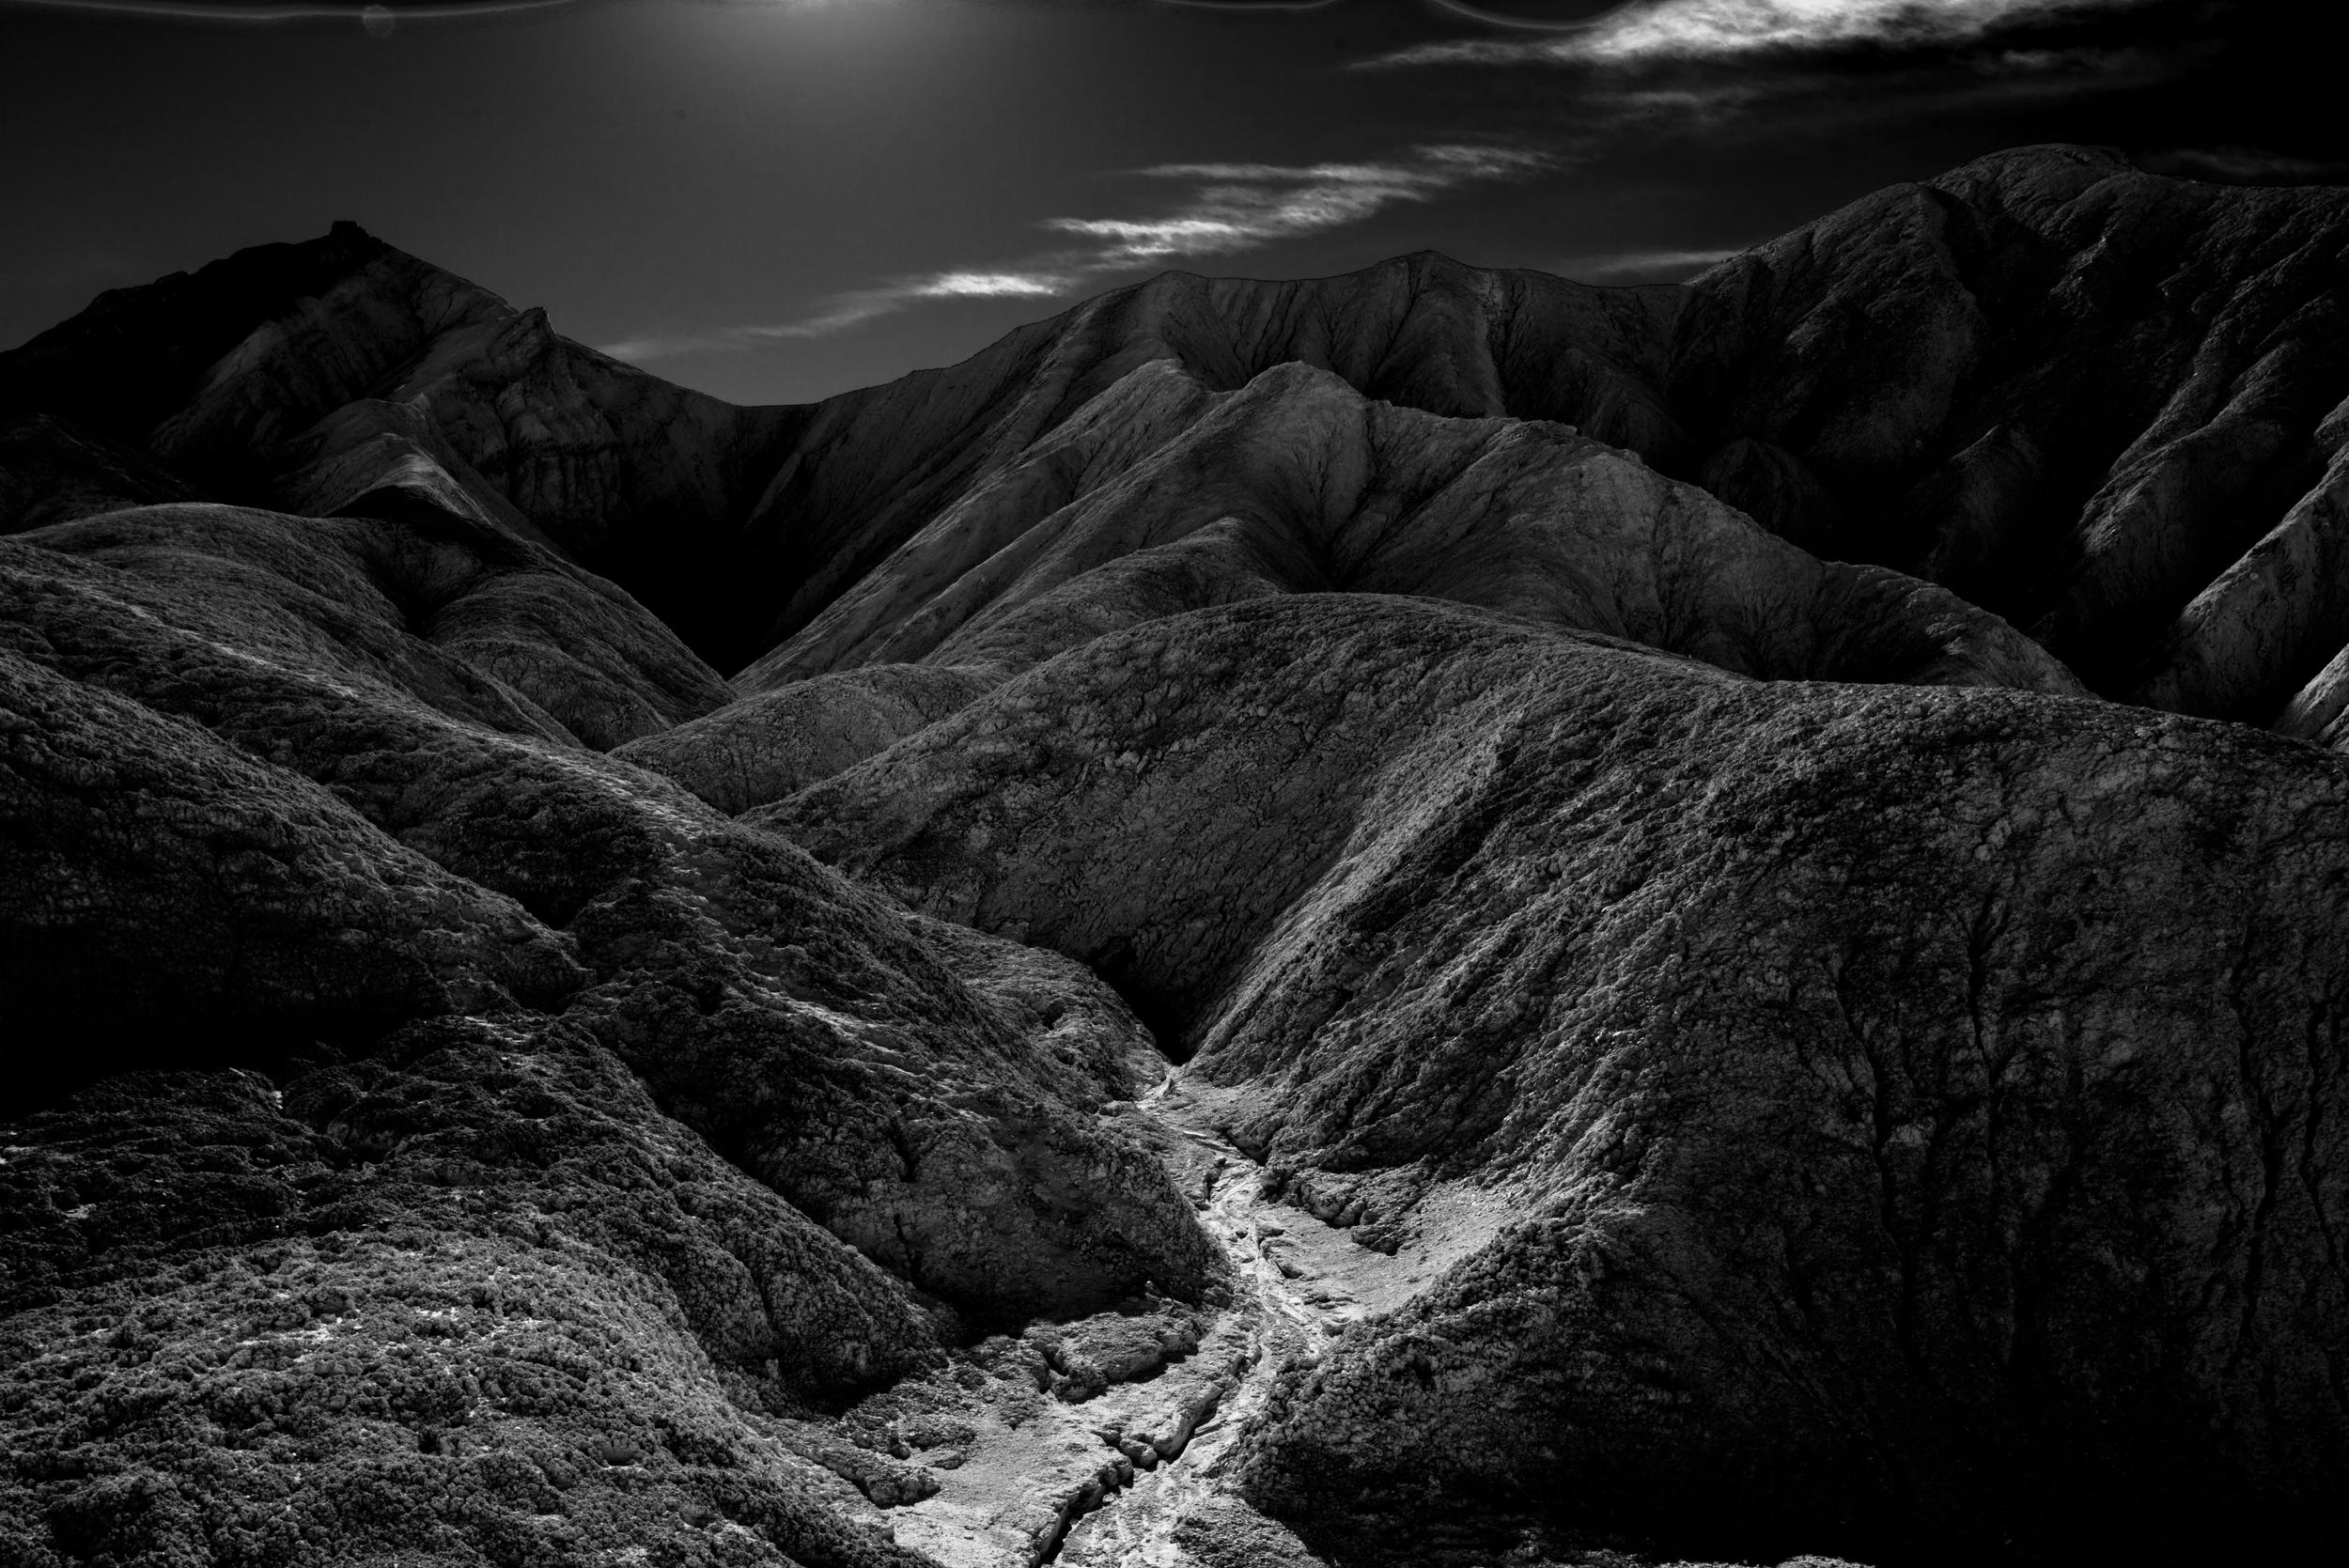 deathvalley-2748.jpg